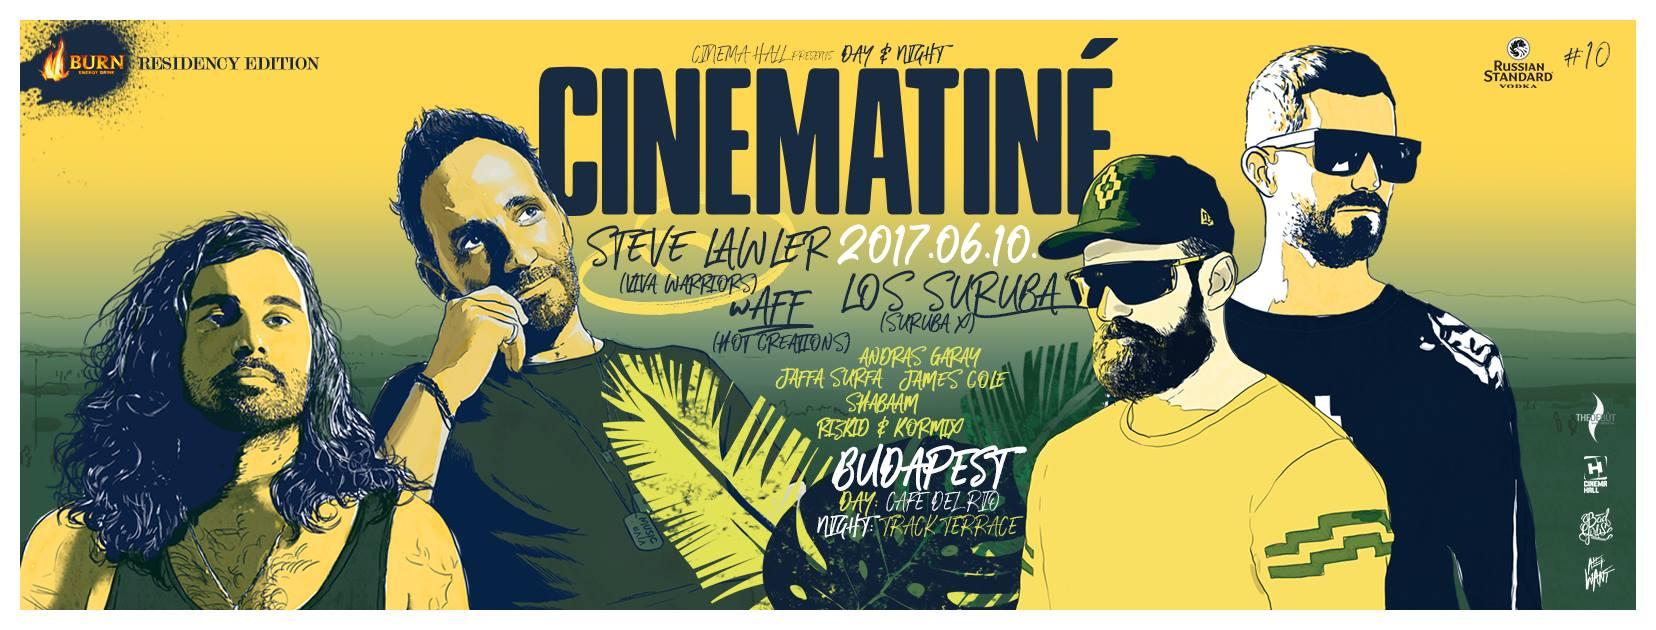 cinematine